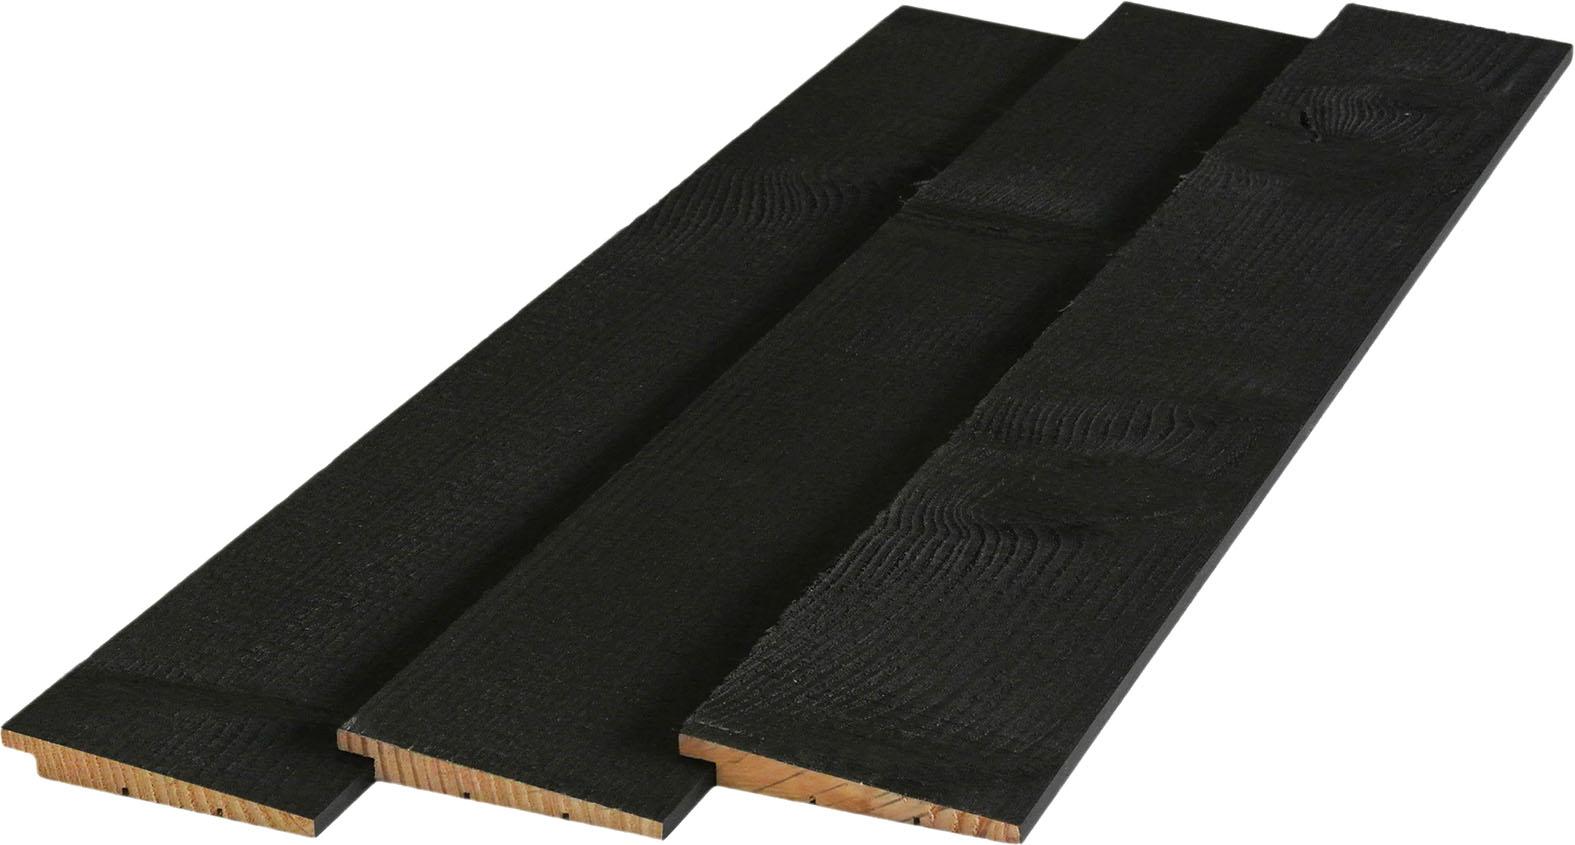 3. Potdekselplank 2x zwart gespoten 10 20x145x3000 4000mm